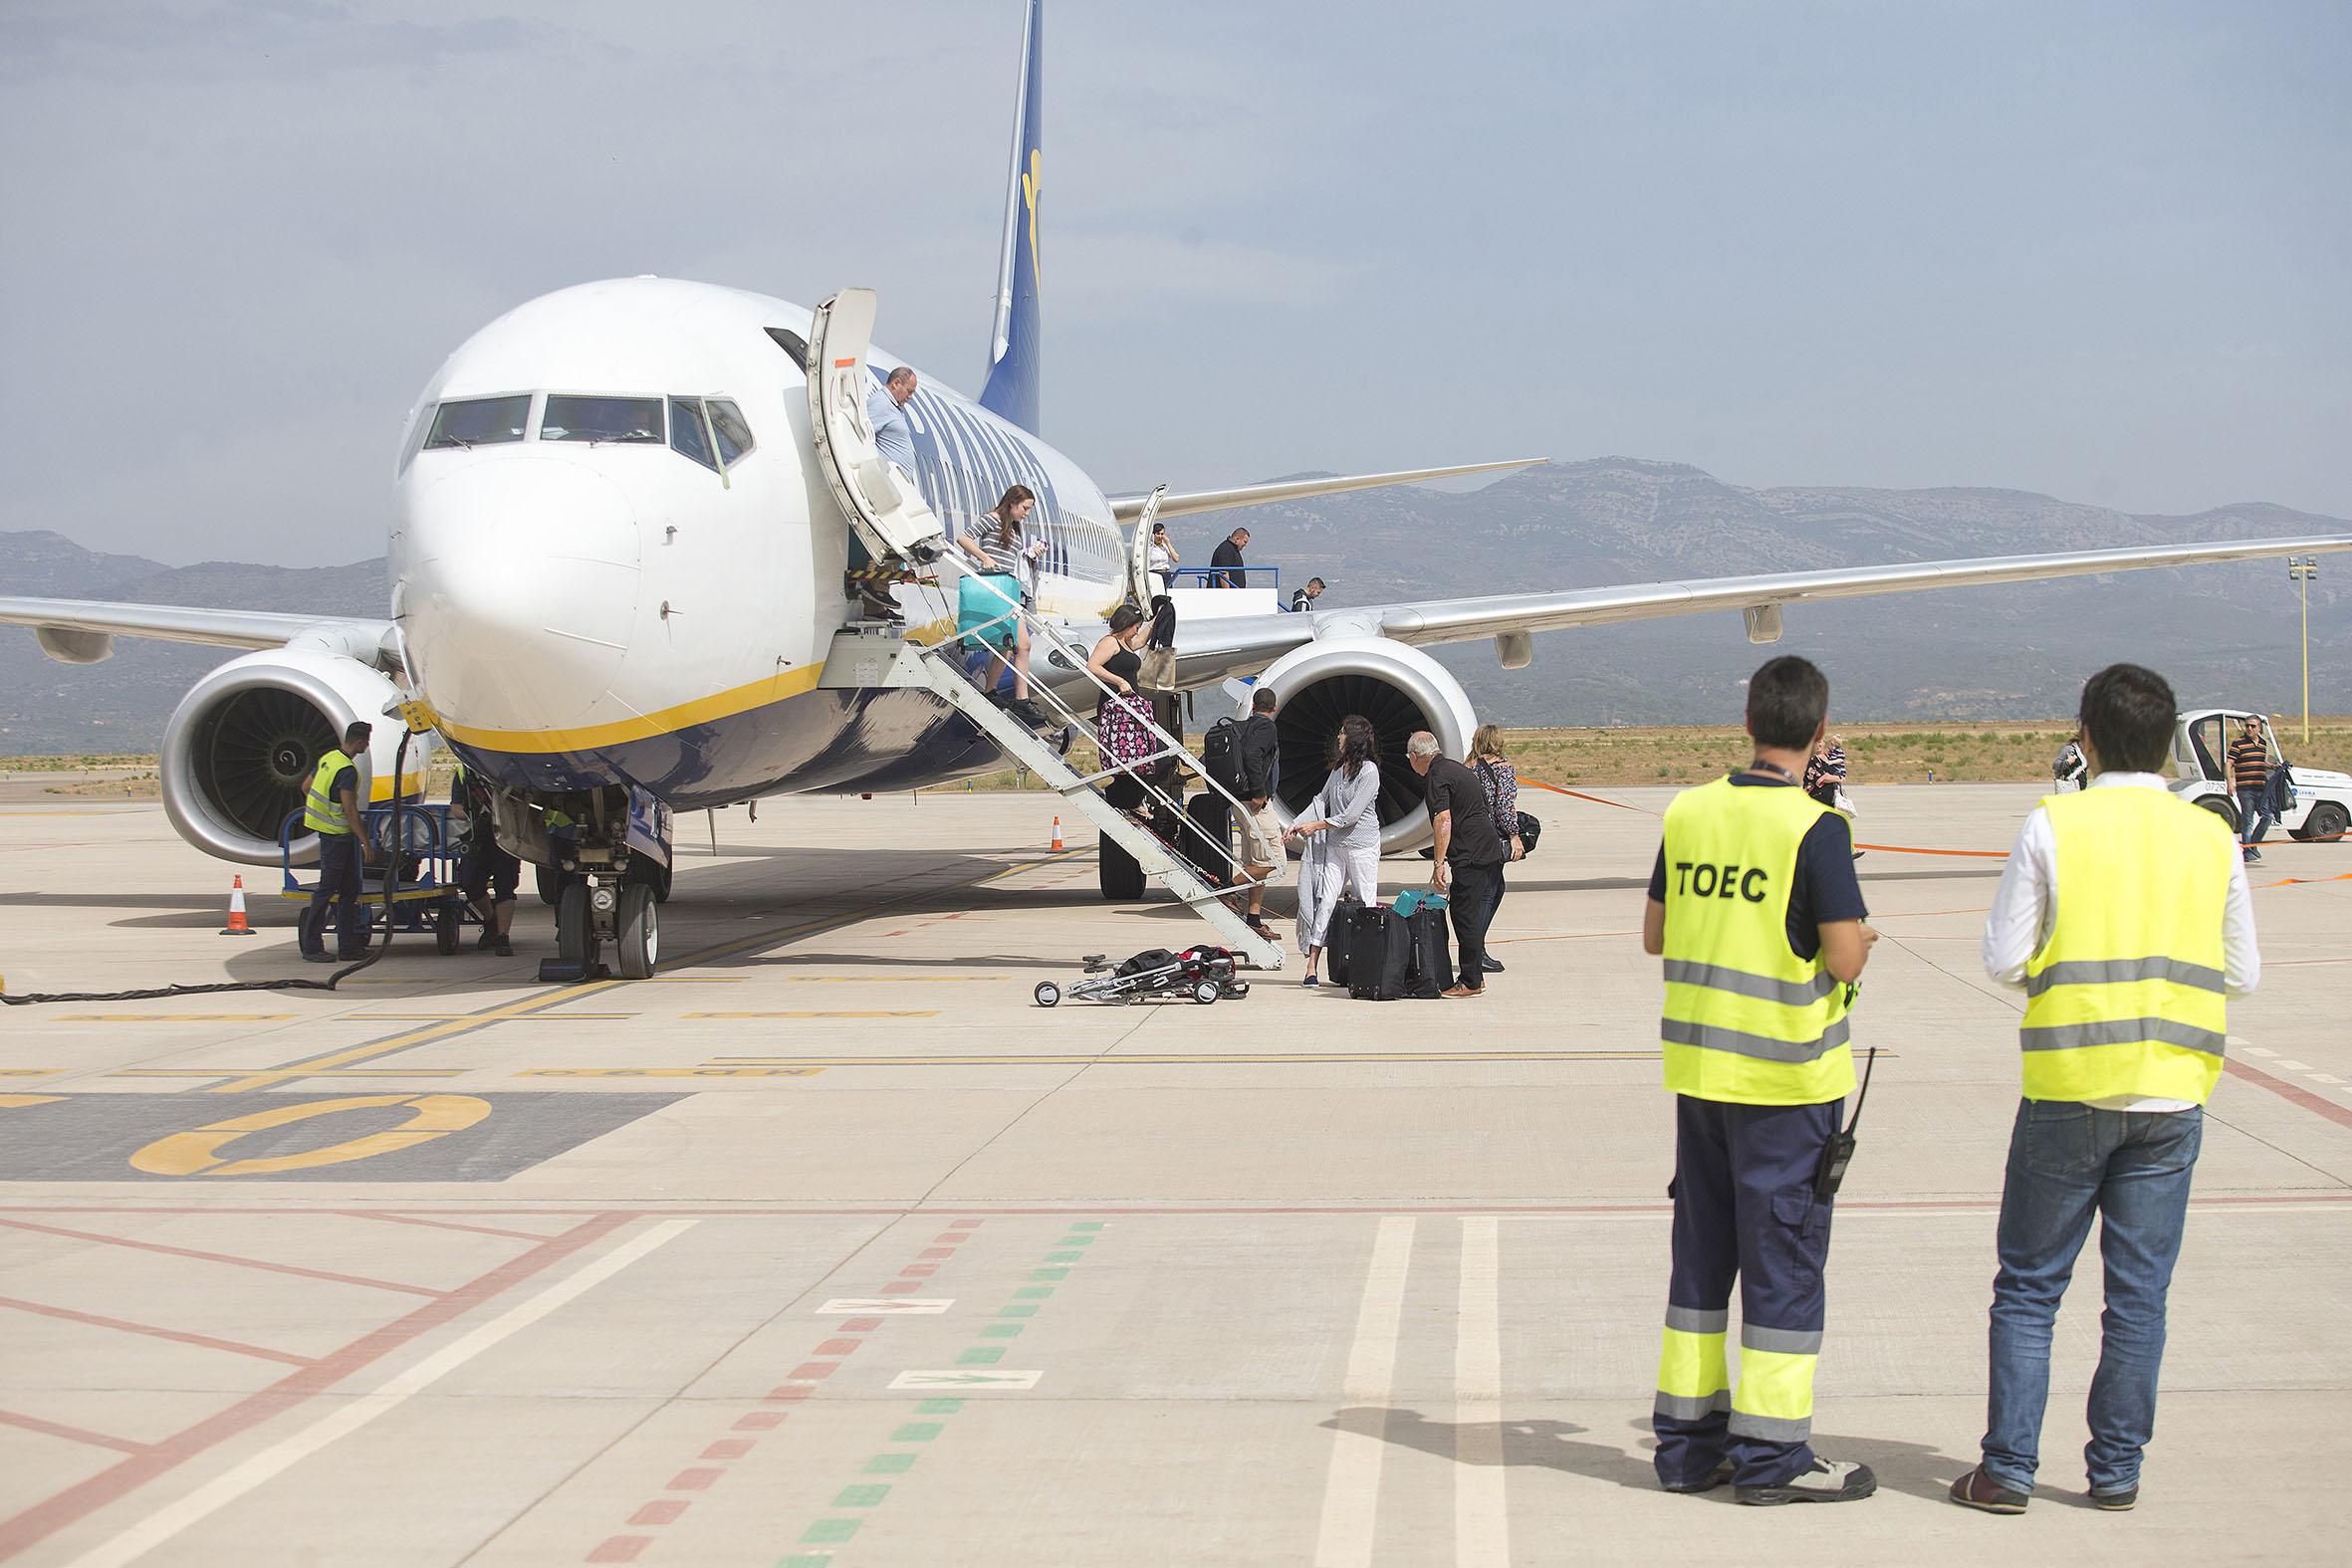 El aeropuerto de Castellón supera los 500.000 pasajeros y 10.000 movimientos de aeronaves desde su apertura al tráfico